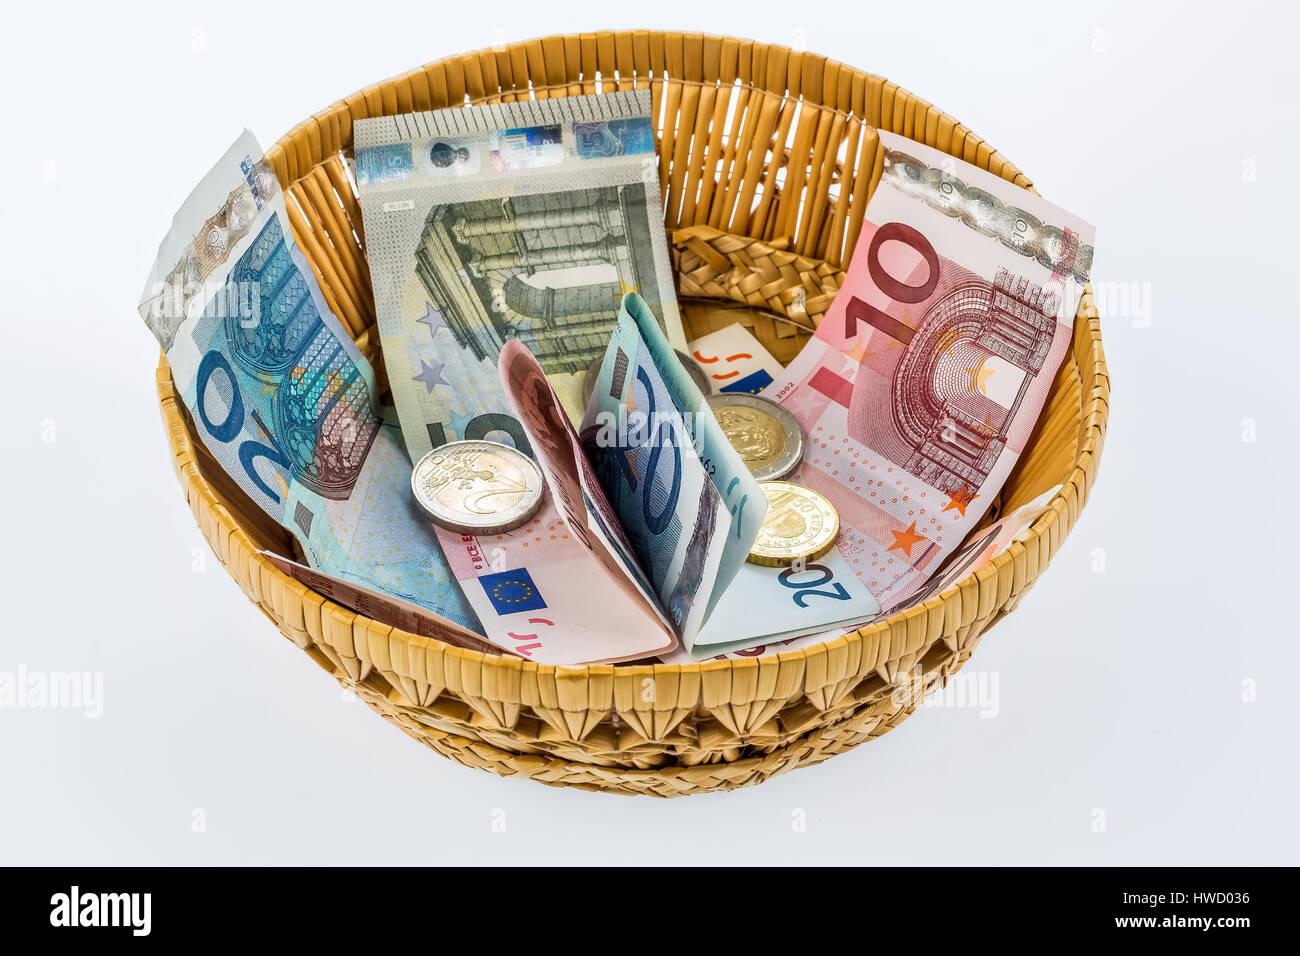 A basket with money for donations and tips, Ein Korb mit Geld für Spenden und Trinkgelder - Stock Image